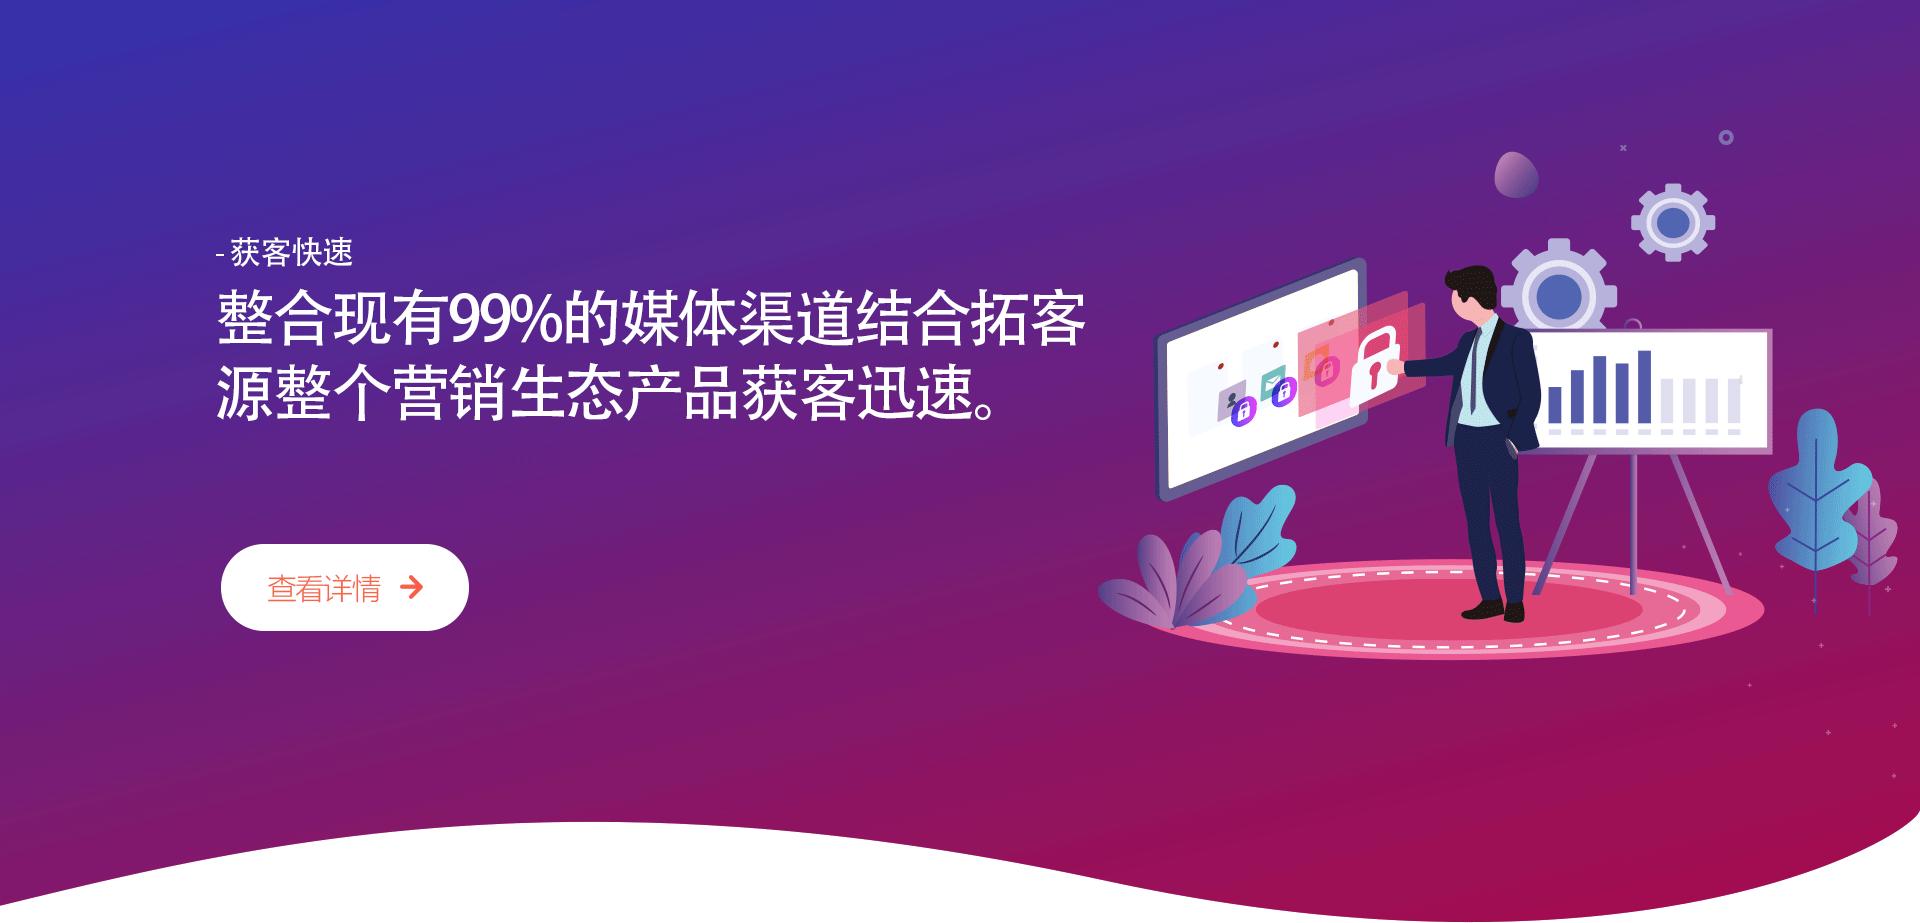 大数据精准客户哪家专业_如何找到商务服务平台-上海琥源科技有限公司